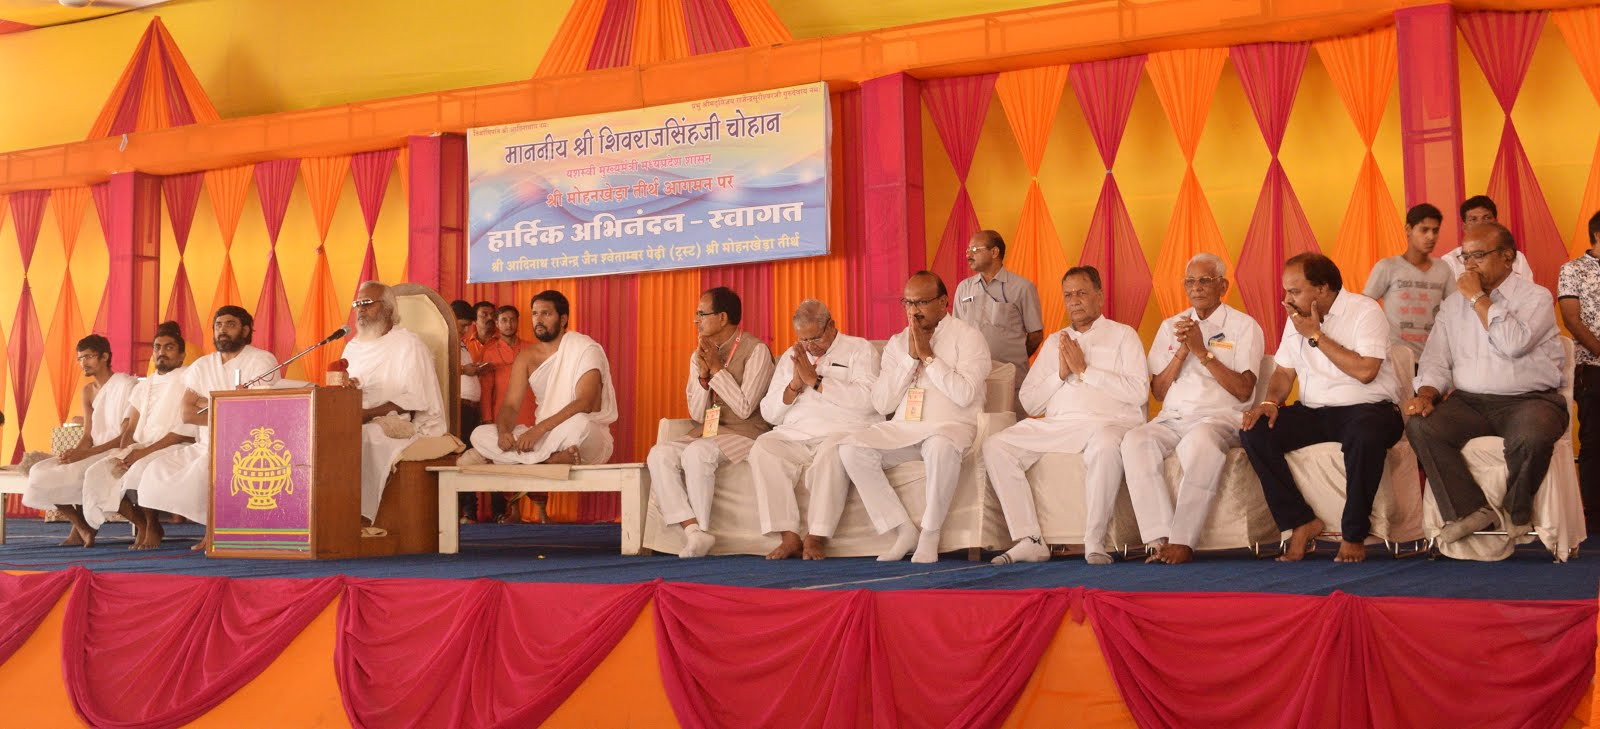 Mohrankheda-Mahatirth-MP-Chief-Minister-Shivraj-Singh-Chauhan-Trust-Board-has-congratulated-श्री मोहृनखेड़ा महातीर्थ में म.प्र. के मुख्यमंत्री शिवराजसिंह चौहान का ट्रस्ट मण्डल ने किया अभिनन्दन